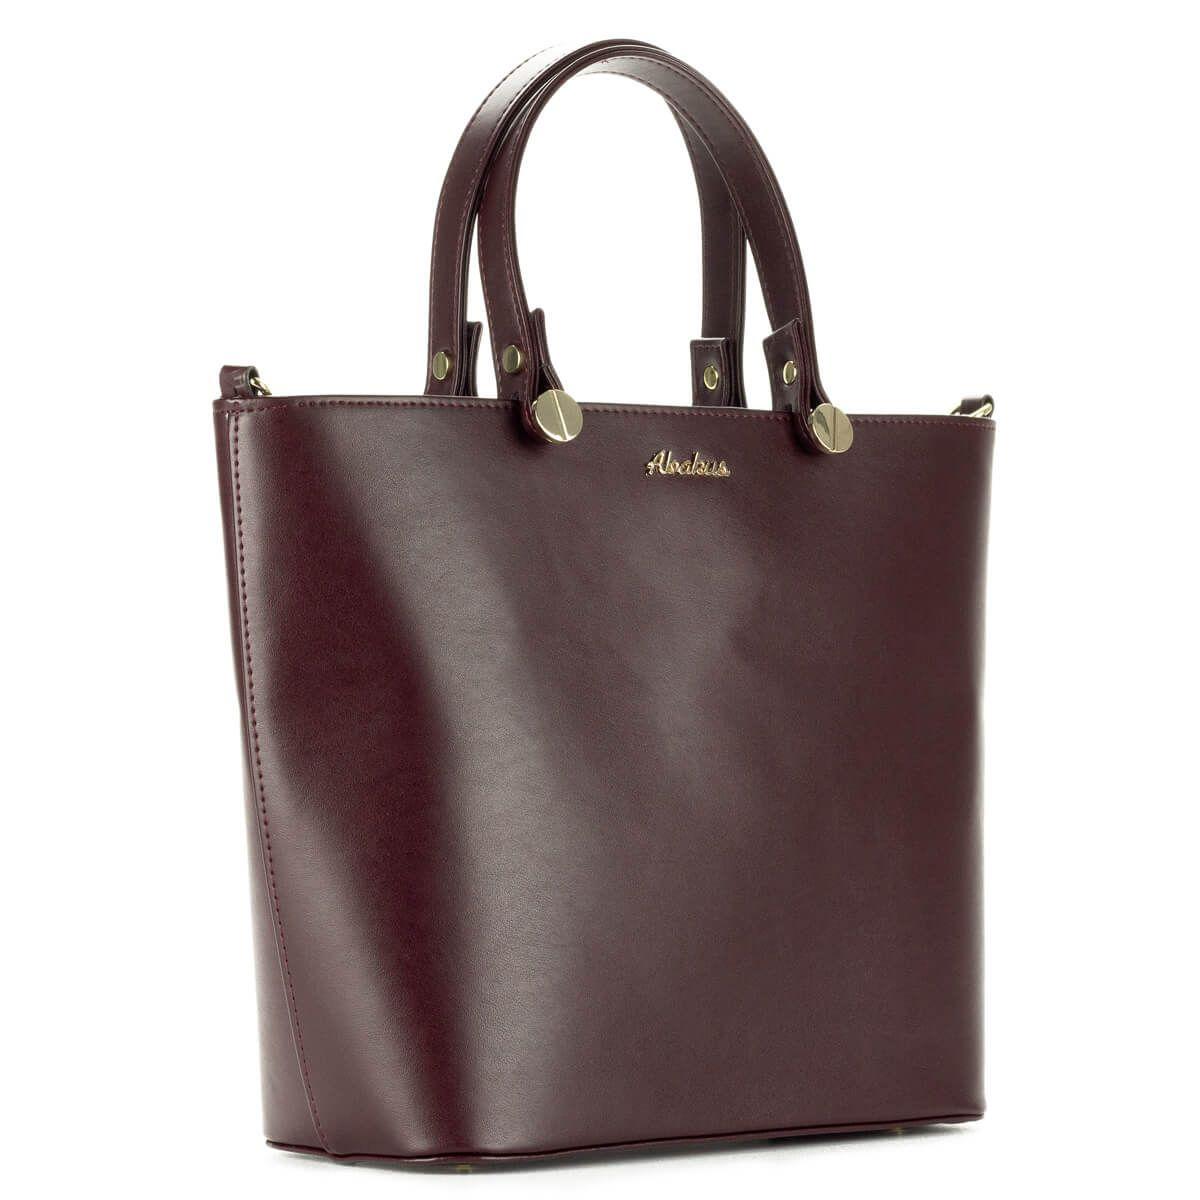 c4d2d567fa6e Abakus bordó női táska osztott belső térrel, belül telefon tartó zsebbel és  cipzáros zsebbel.